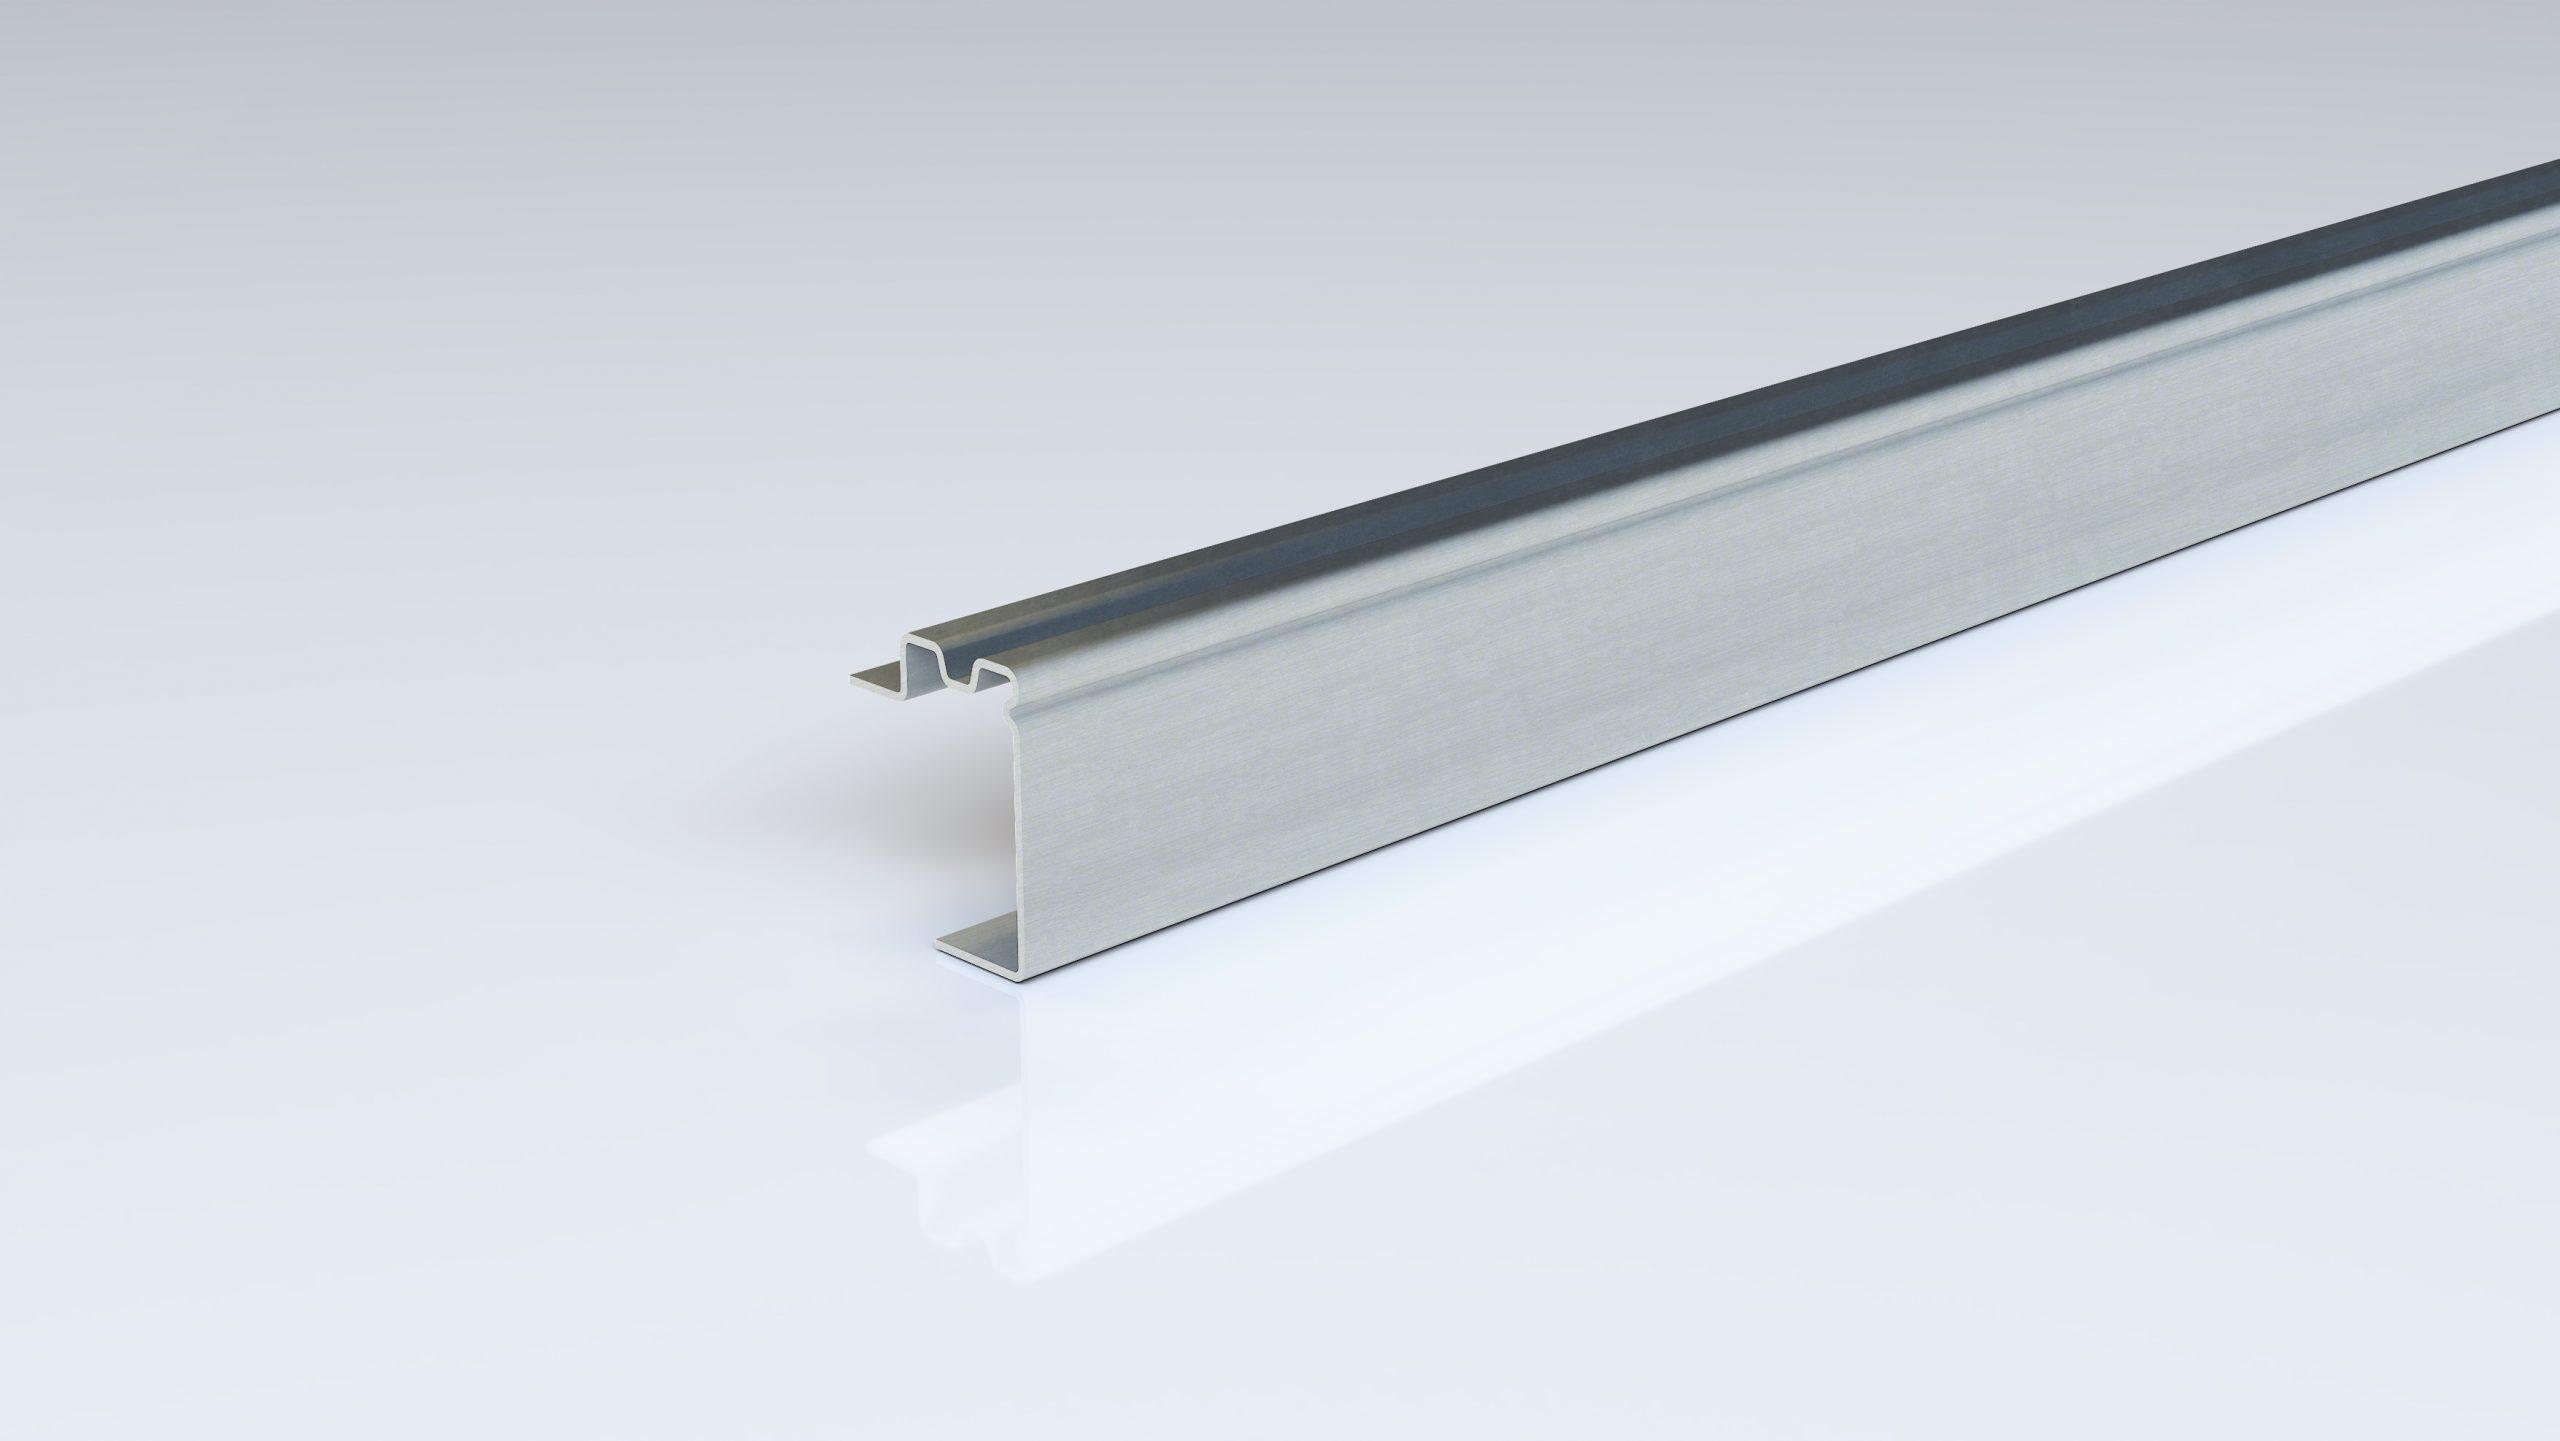 Foto de perfil perforado de acero conformado en frío de Brausa